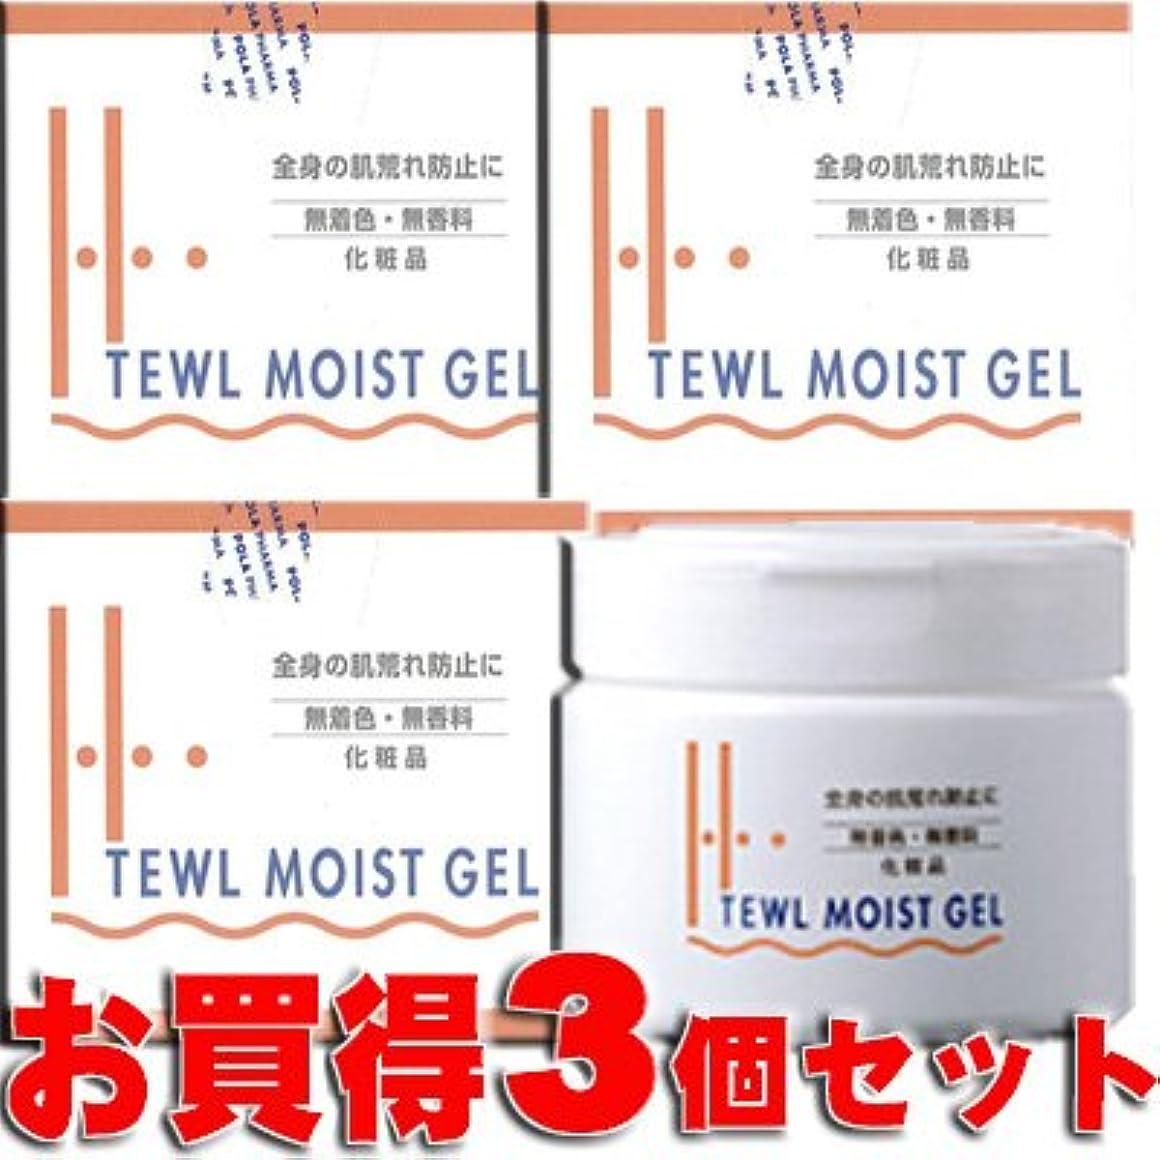 何か単調なシャット★お買得3個★ ハイテウル モイストジェル 300gx3個 (ポーラファルマ)エタノールや界面活性剤に敏感な方へおすすめするゲルクリームです。